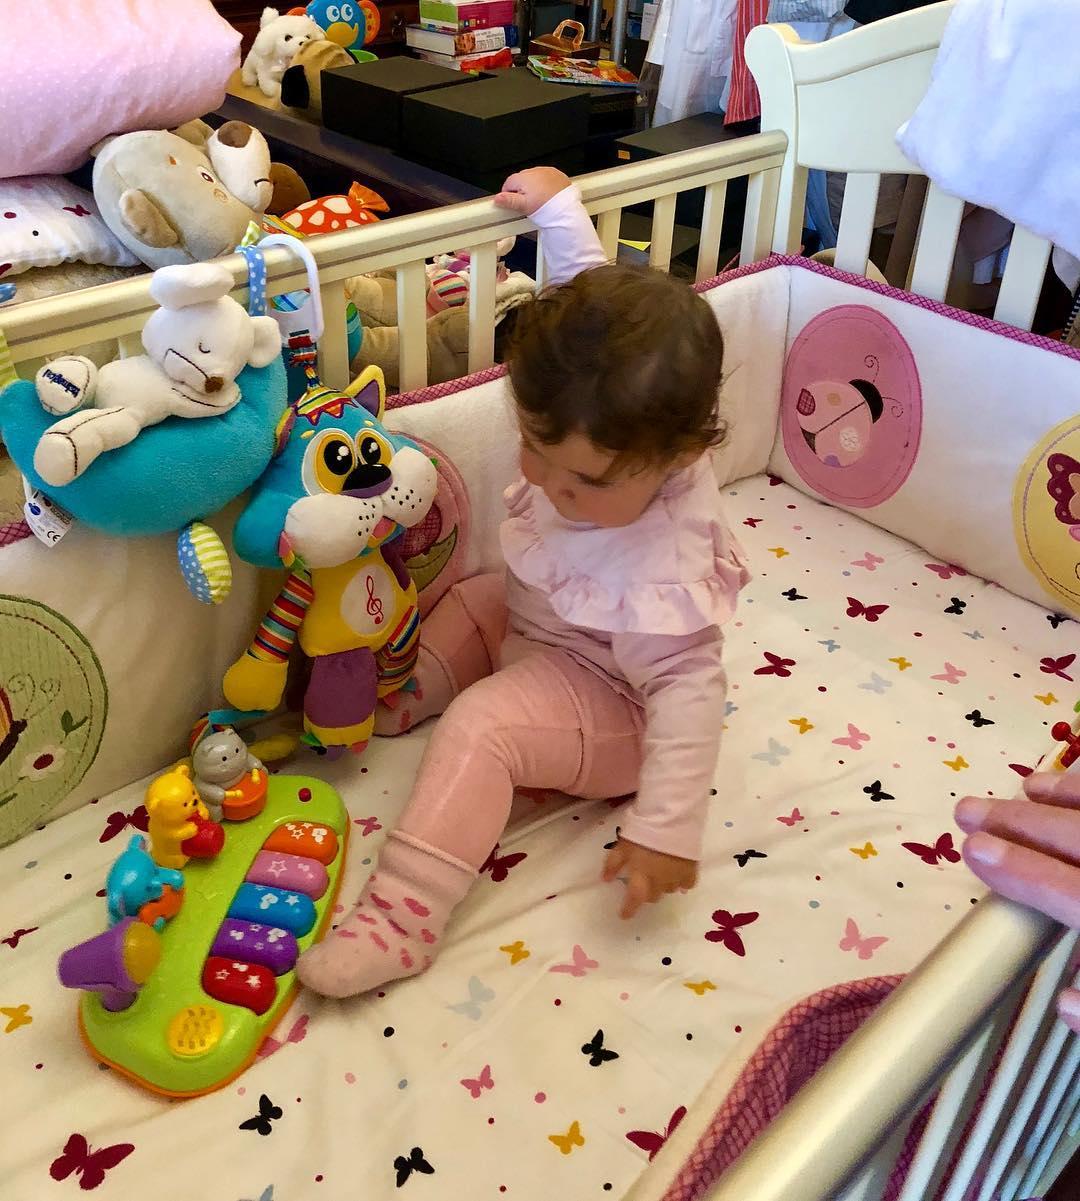 Крошке Этель Виторган исполнилось десять месяцев: артист поделился в сети умилительными фотографиями